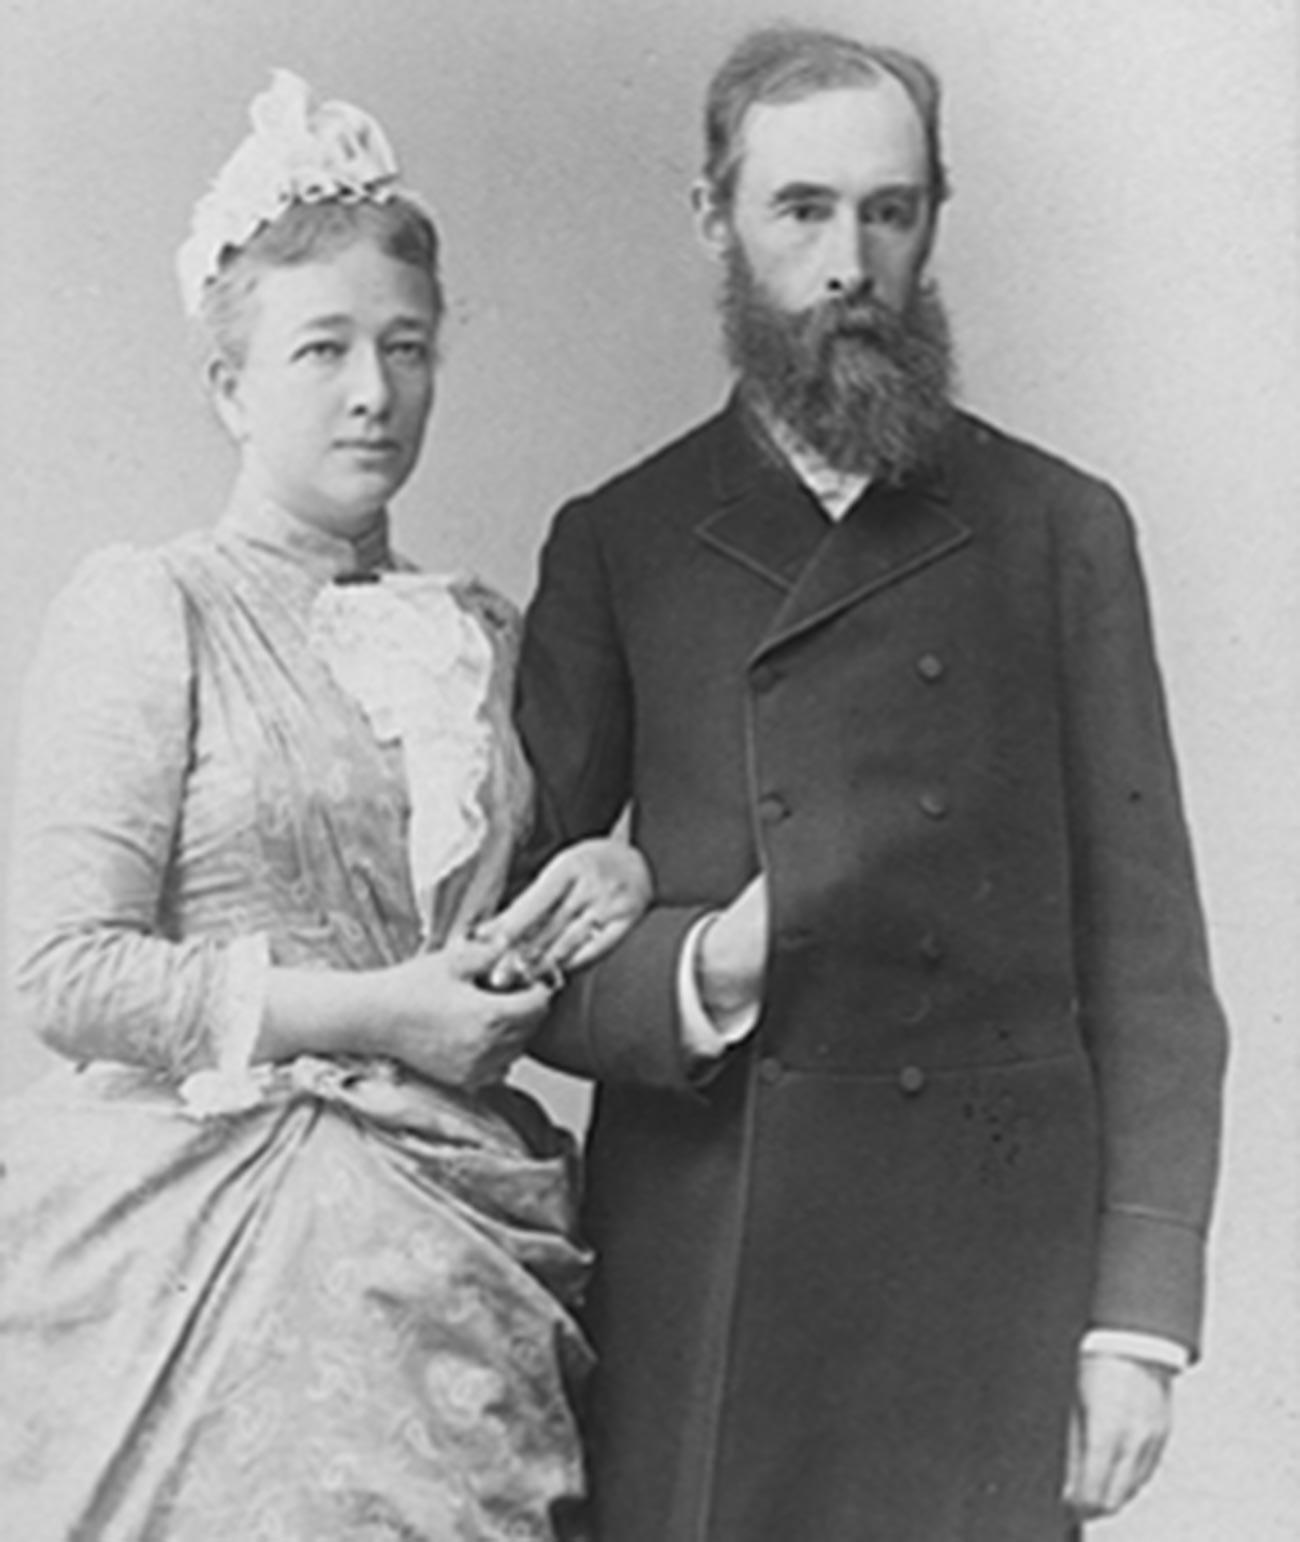 Pavel Tretyakov and his wife Vera Mamontova